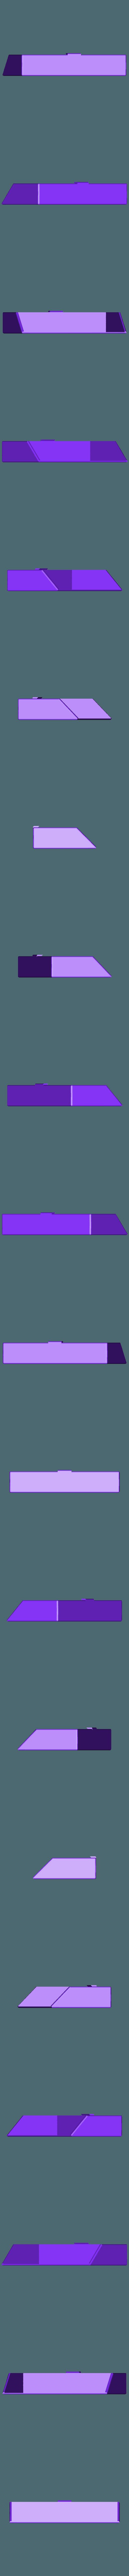 Blank.stl Download free STL file Cover for PanelDue 5i mount • Design to 3D print, Dsk